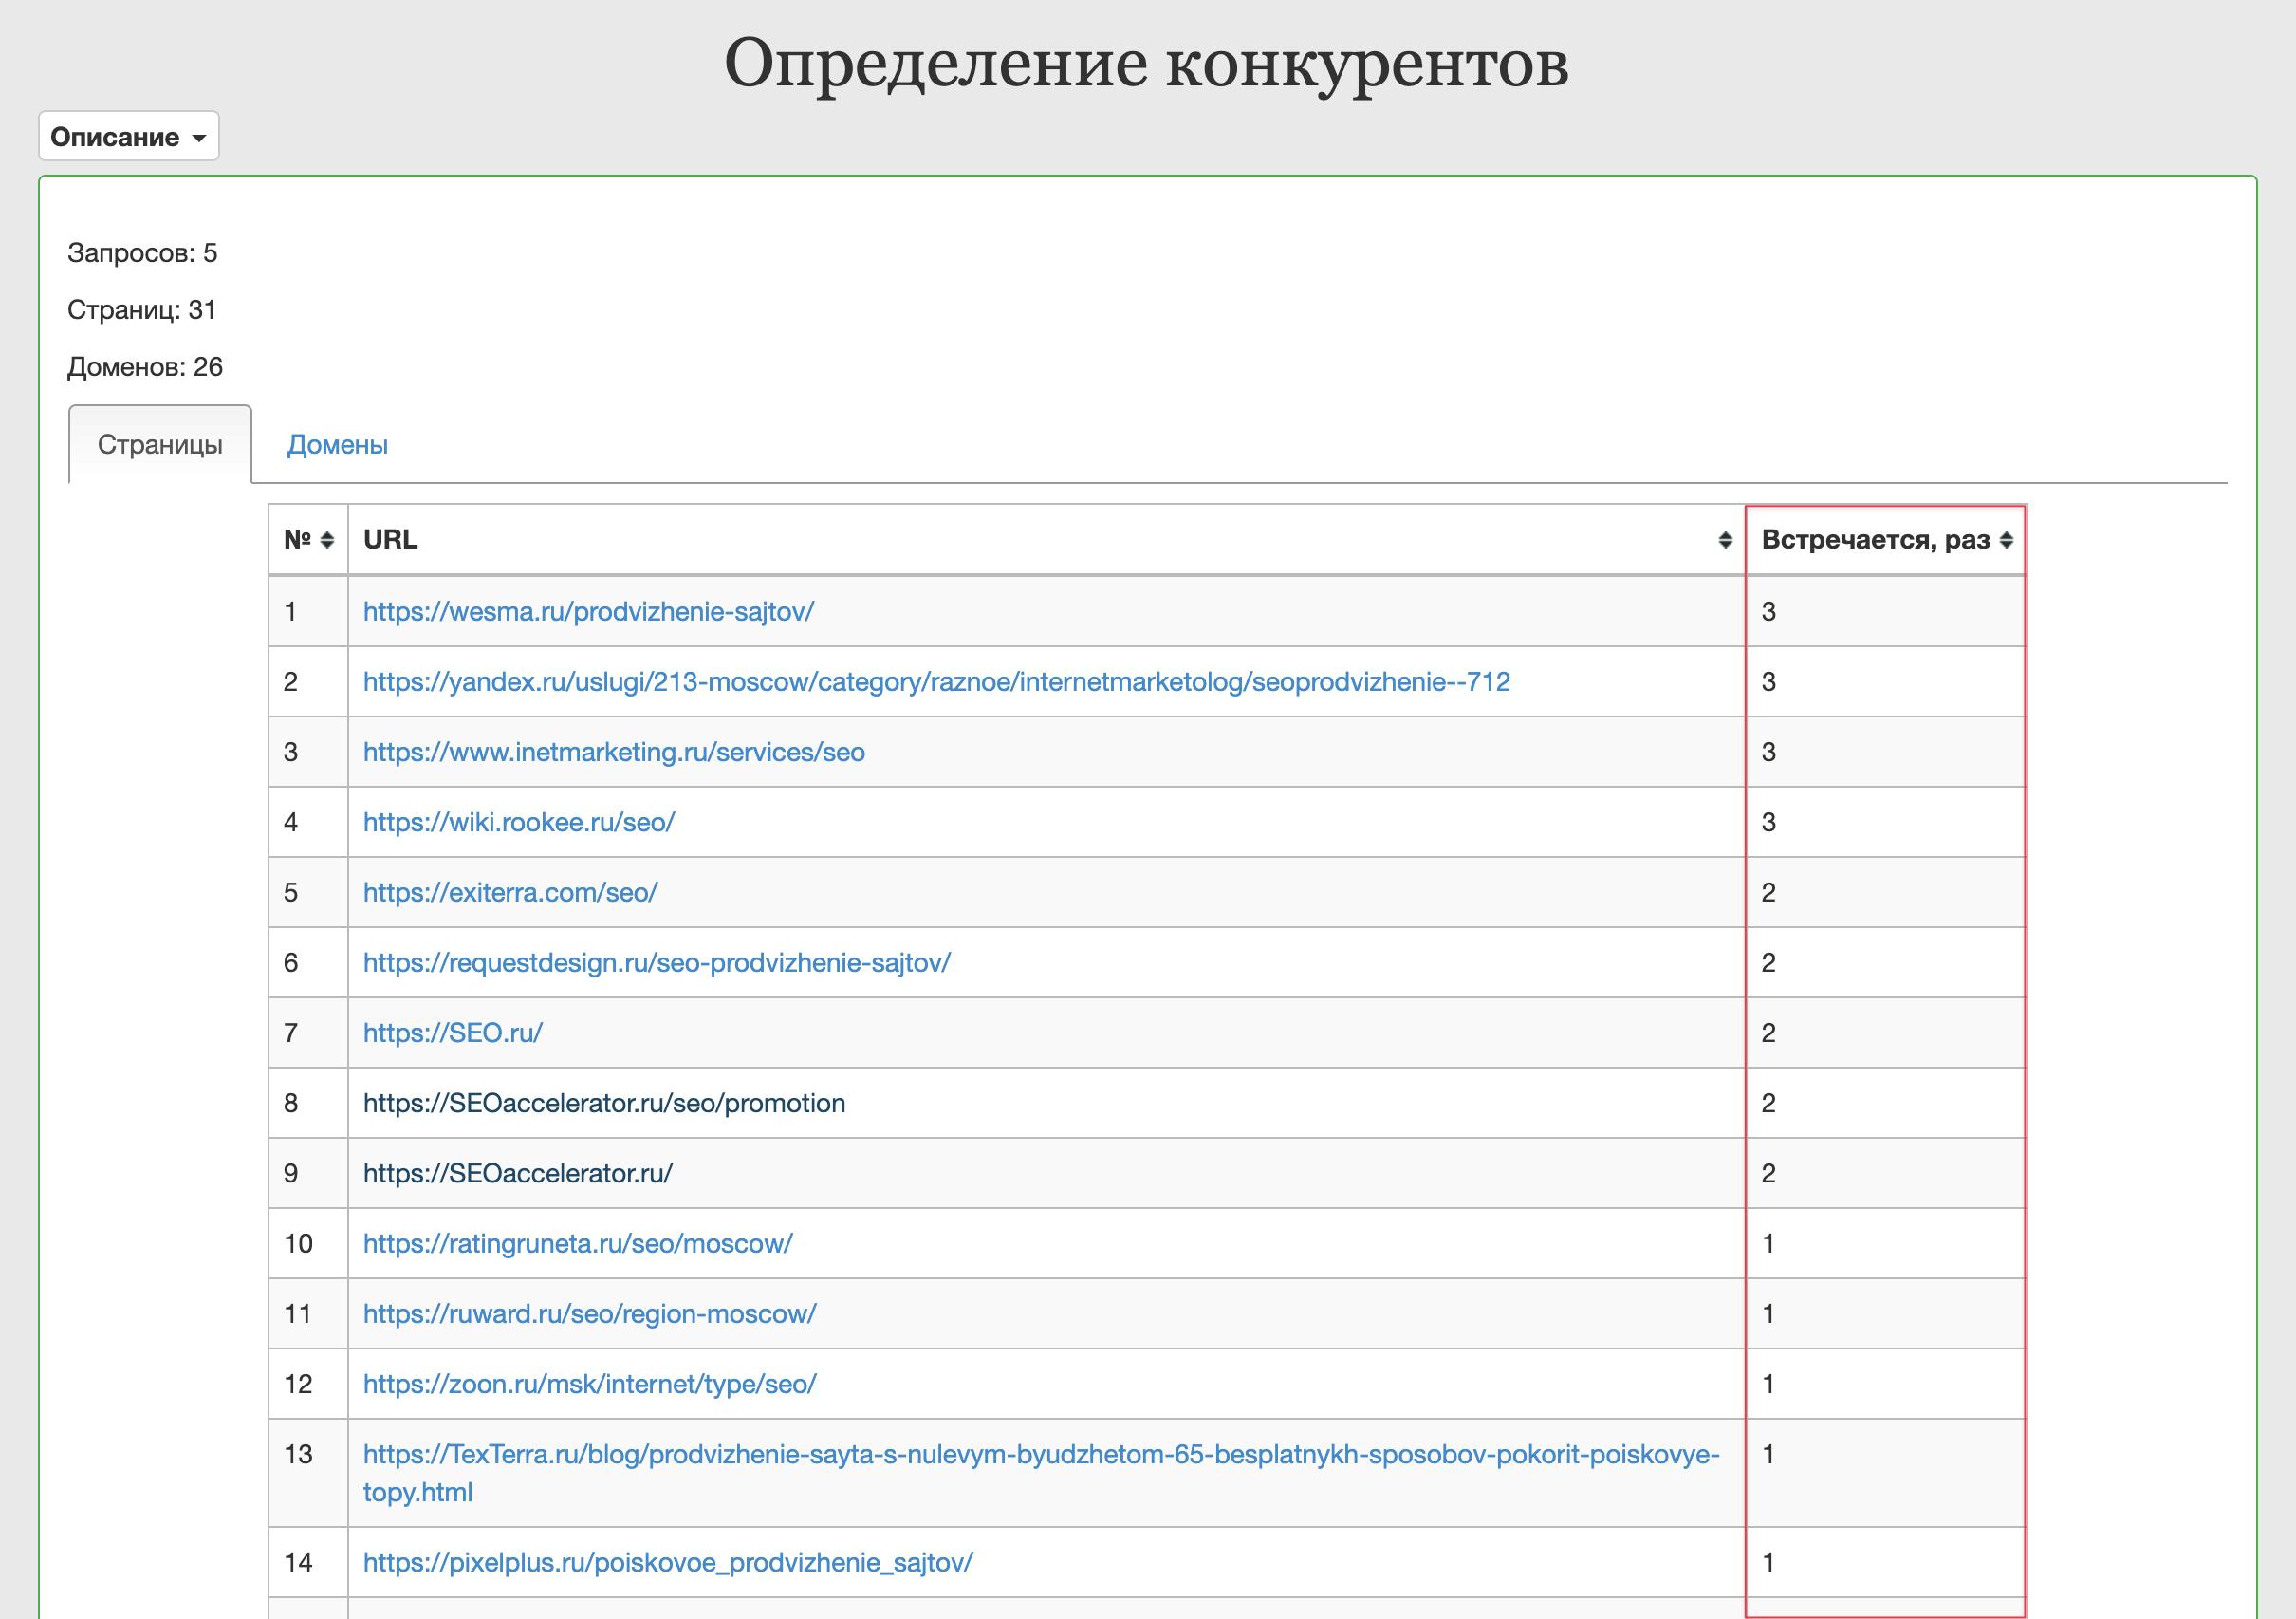 http://coolakov.ru/ - Определение конкурентов - результат